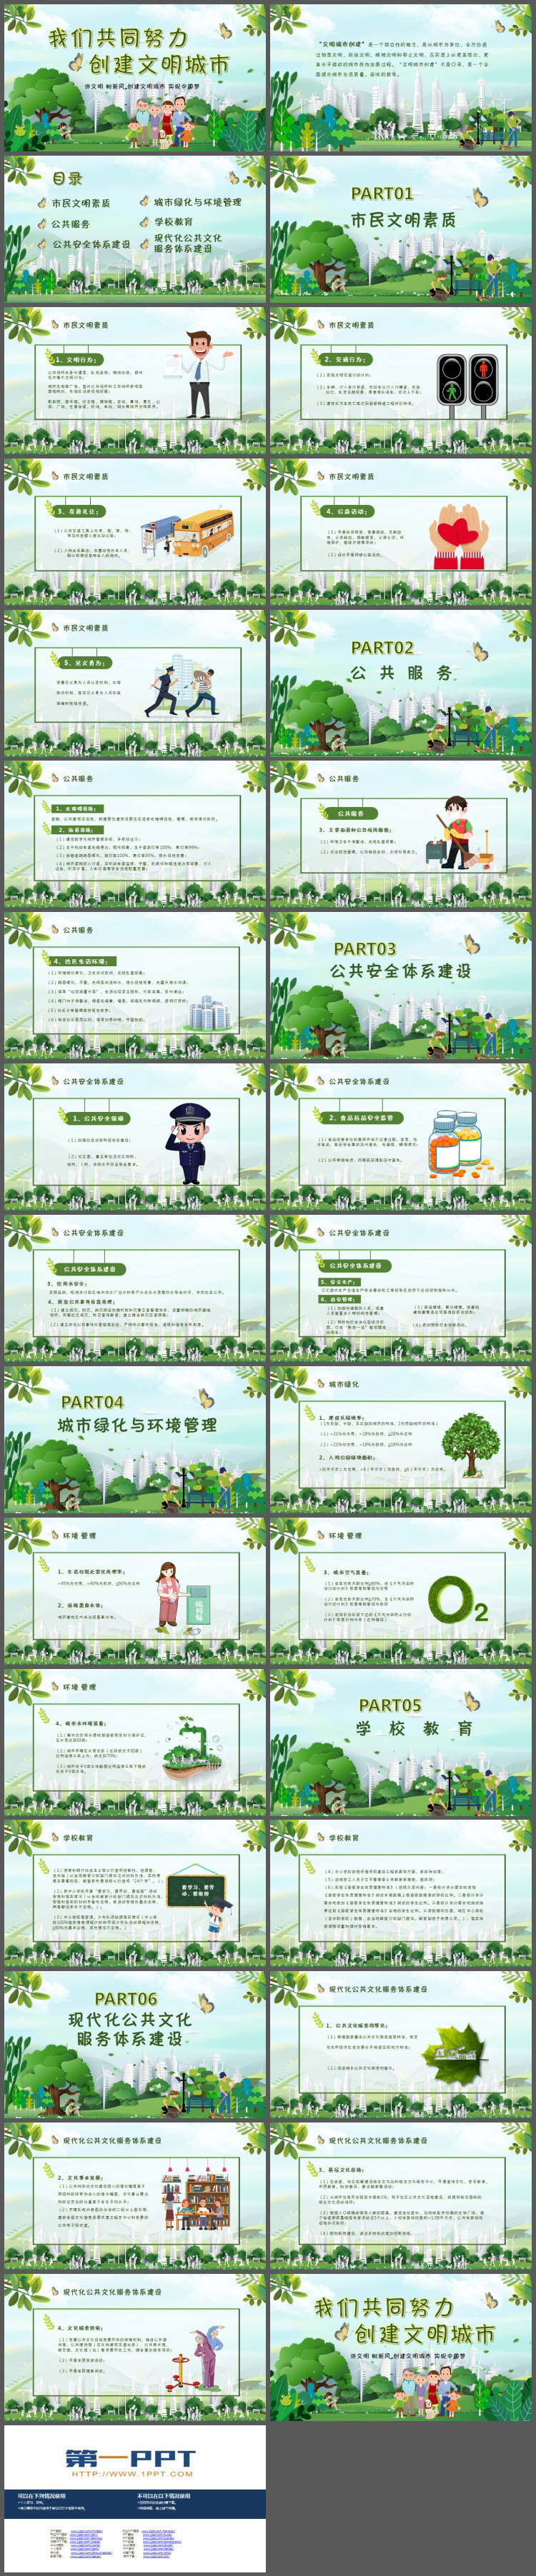 绿色清新我们共同努力创建文明城市PPT模板